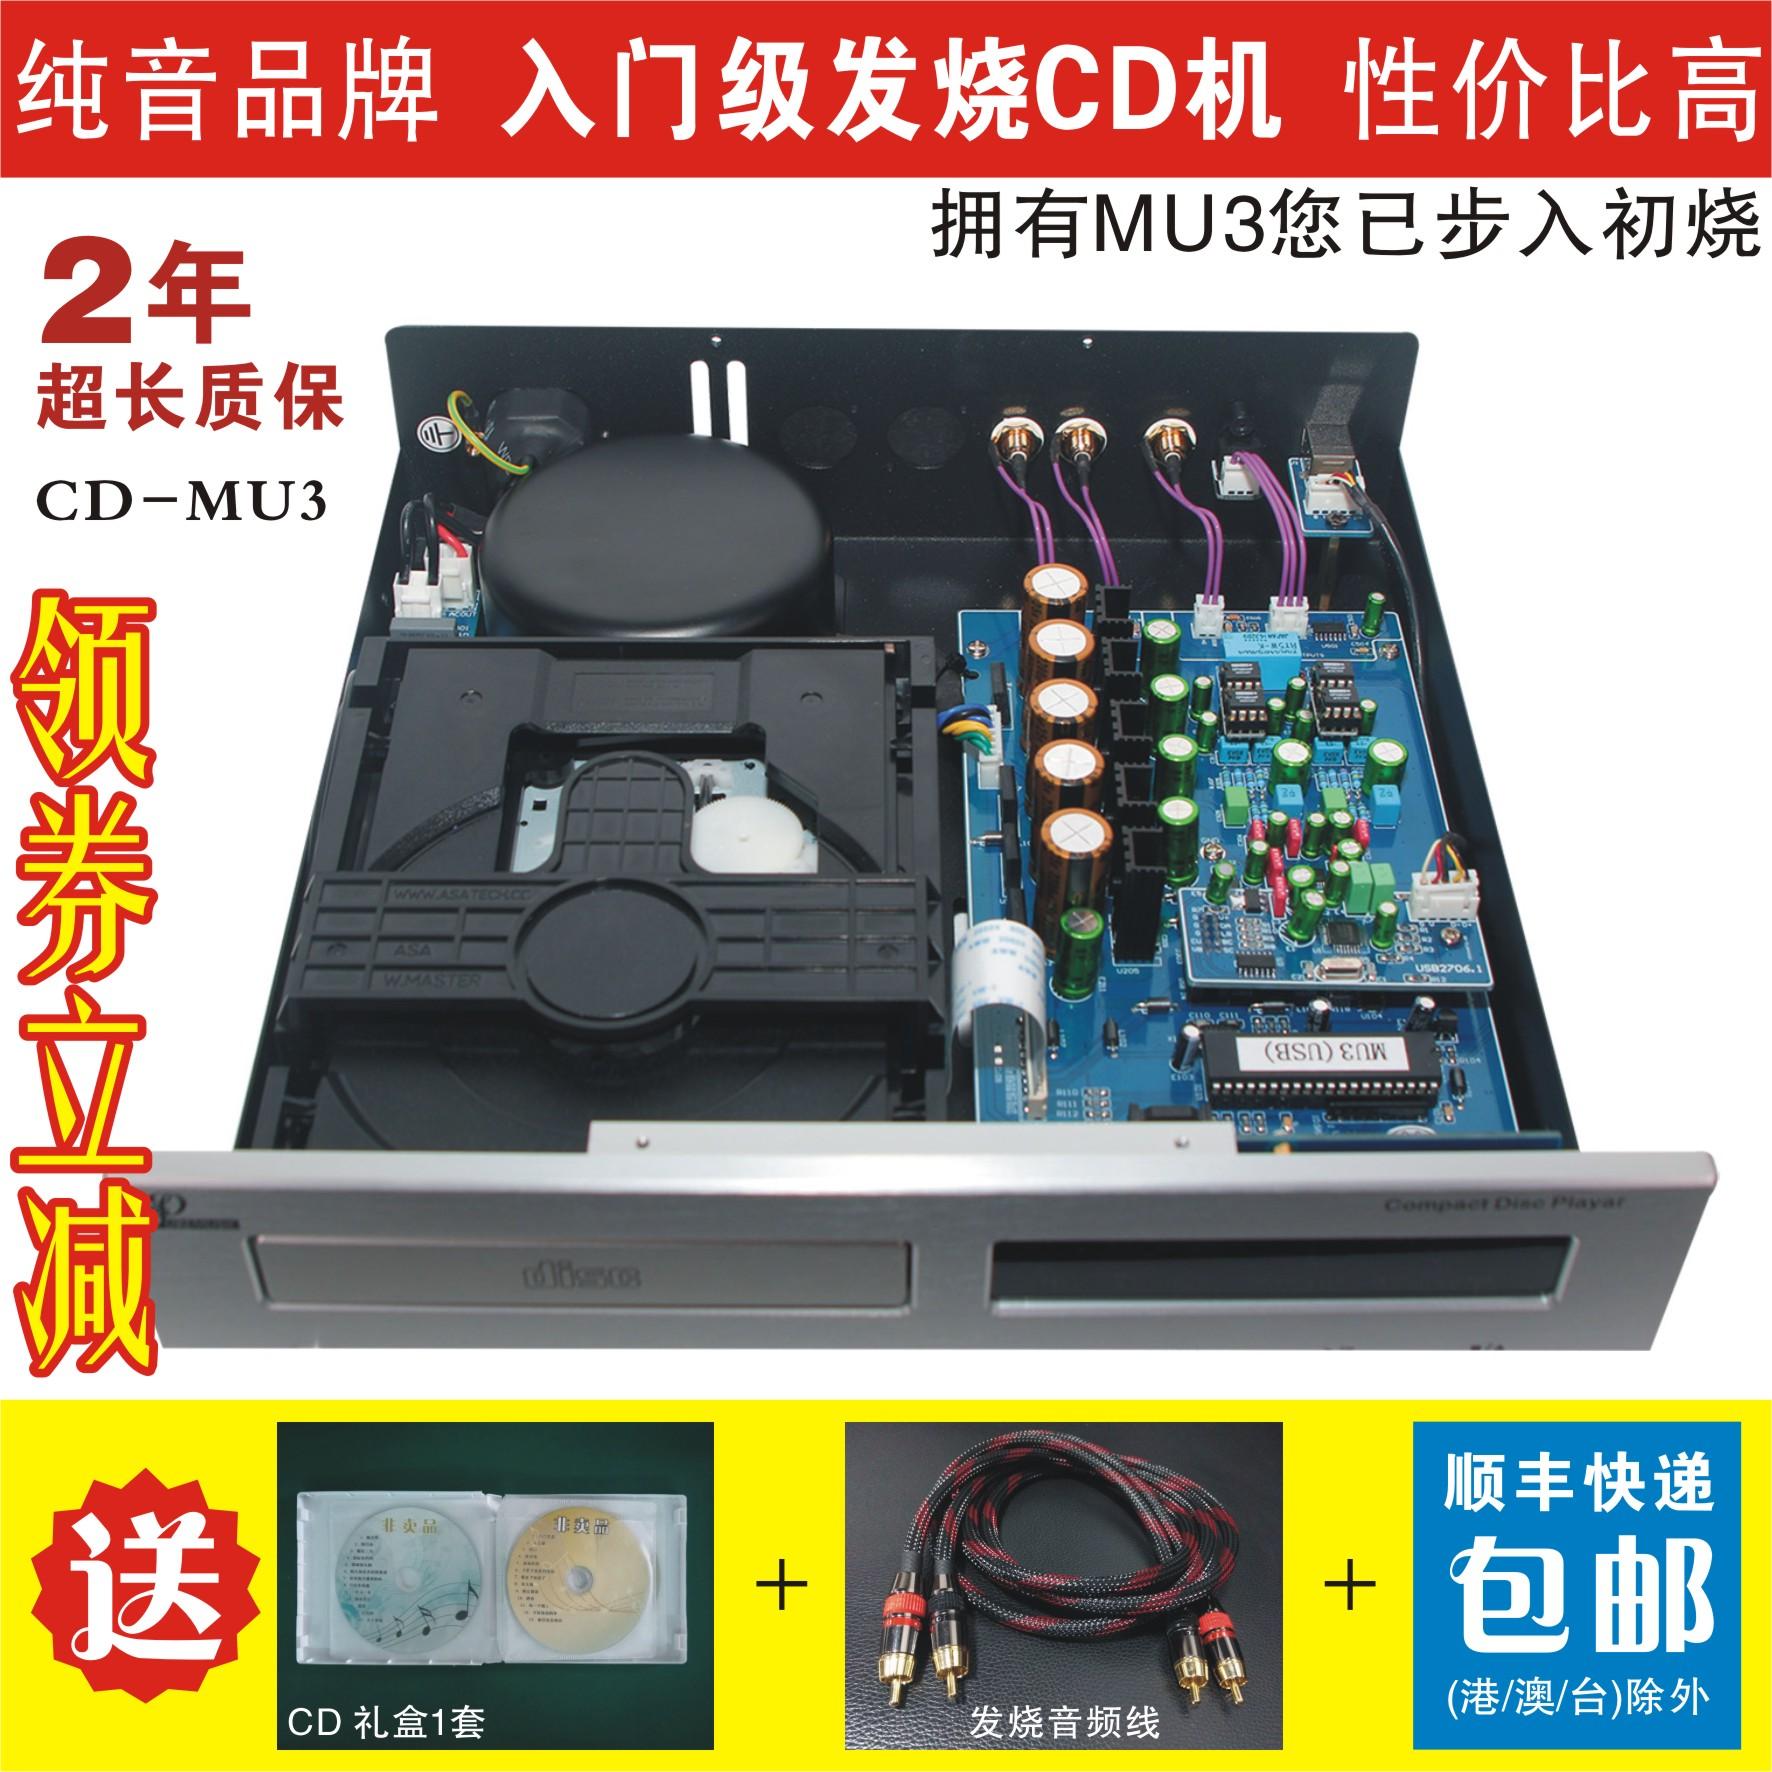 纯音CD-MU3 专业CD播放机(HIFI CD机 发烧CD机)CD/USB播放器